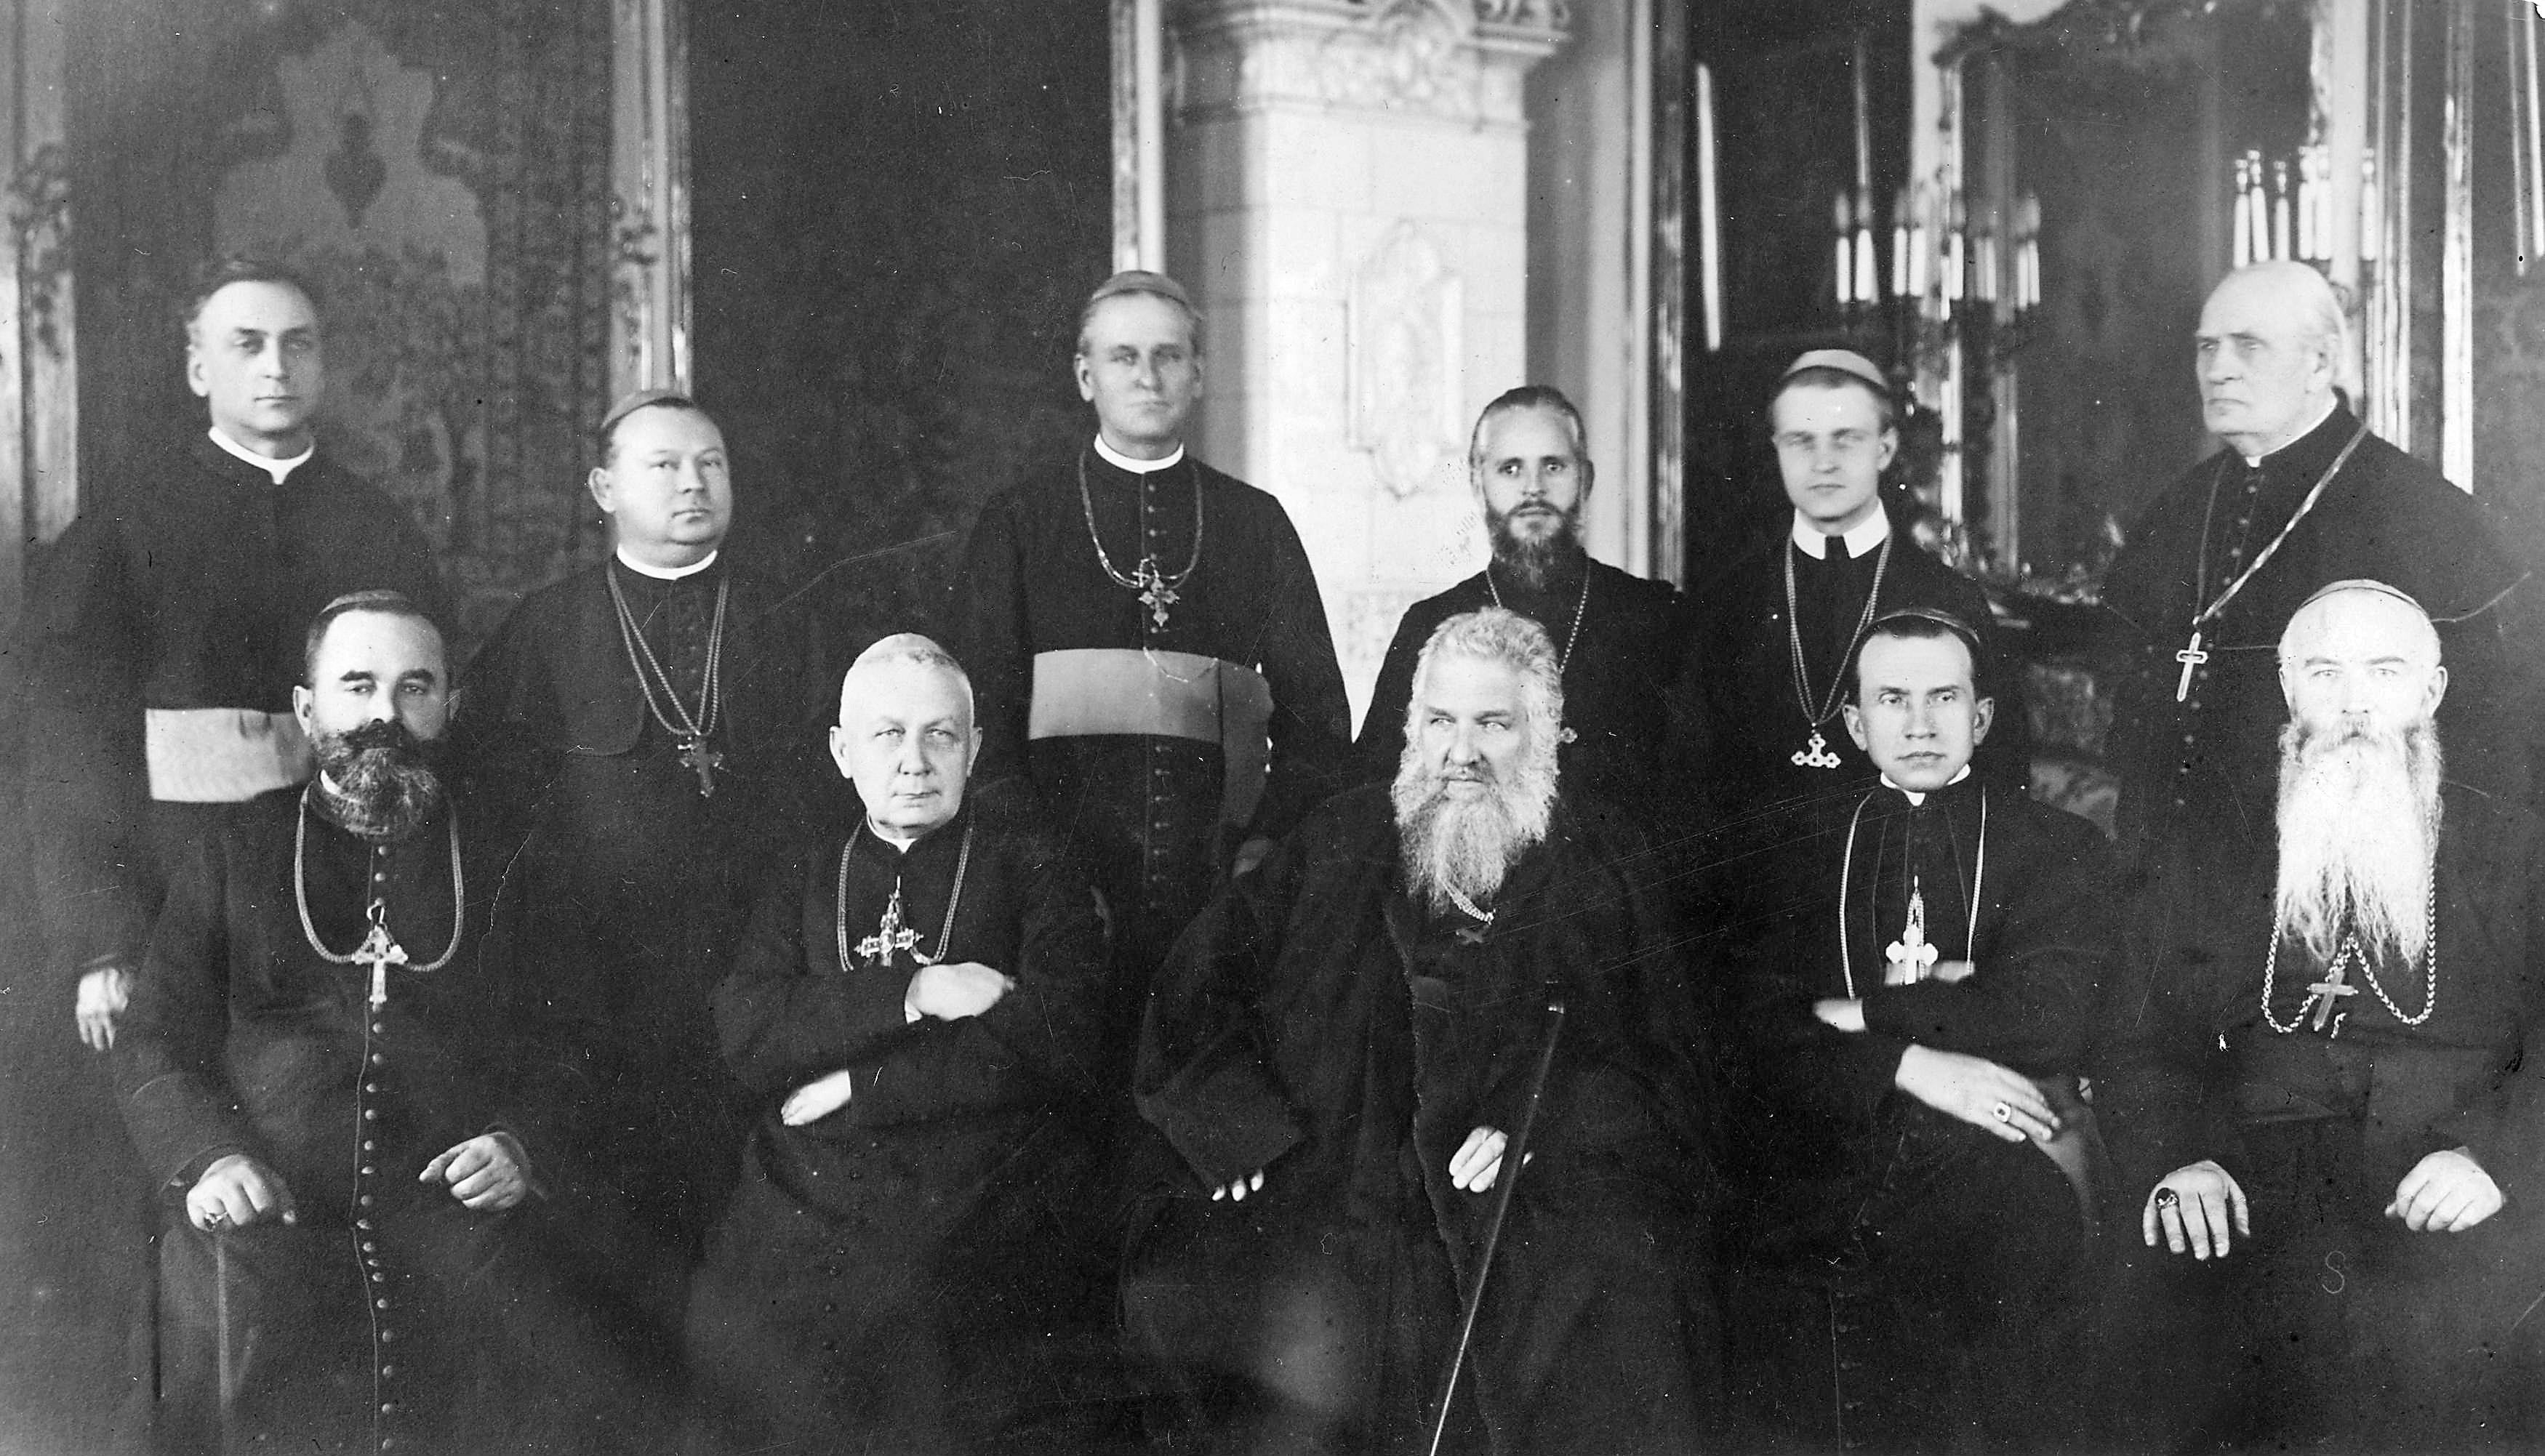 Metropolitterkeepark Andreas Sjeptytskyj blant gresk-katolske biskoper under et møte i Lviv i desember 1927. Ved siden av metropolitten er de salige biskopene Gregor Khomysjyn, Niketas Budka og Josafat Kotsylovskyj.